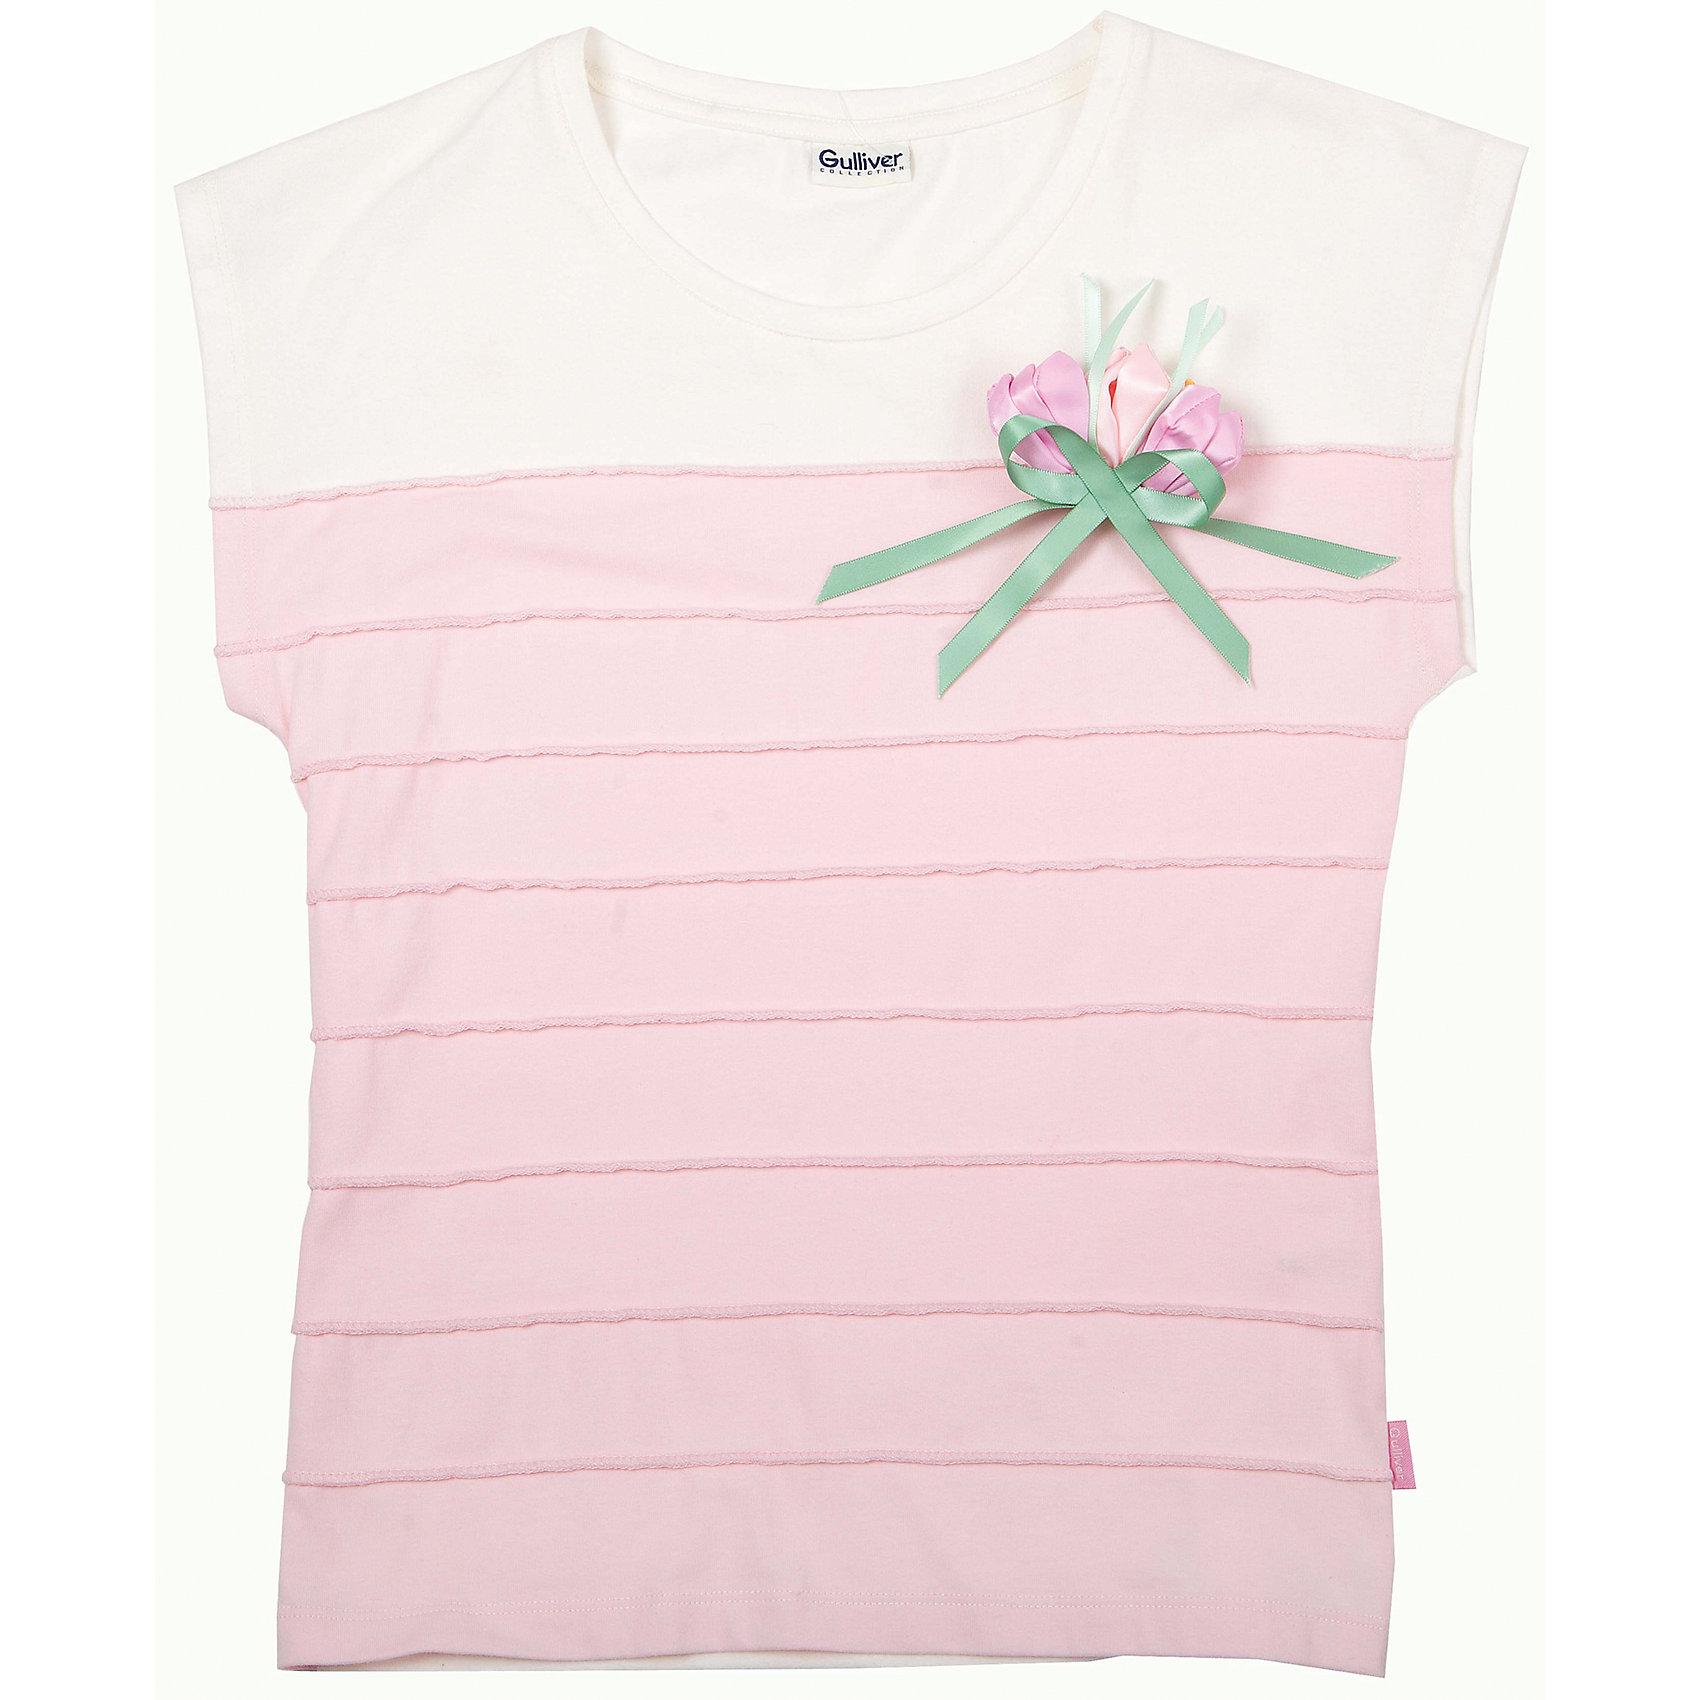 Блузка для девочки GulliverСветлая трикотажная блузка без рукавов для девочки - хит сезона Весна/Лето 2016! Она выглядит очень по-взрослому, при этом обладает особой нежностью, и наверняка понравится тонким романтичным натурам. Комбинация розового и белого делает образ чистым и светлым, хлопок с эластаном гарантирует красивую комфортную посадку изделия на фигуре. В оформлении модели горизонтальные защипы и отстегивающаяся цветочная композиция, придающая модели свежесть и индивидуальность. Словом, эта модель наглядно демонстрирует какой должна быть модная блузка летом 2016: необычной и интересной! Если вы решили купить оригинальную блузку, сделайте выбор в пользу этой модели и ваш ребенок будет в восторге!<br>Состав:<br>95% хлопок           5% эластан<br><br>Ширина мм: 186<br>Глубина мм: 87<br>Высота мм: 198<br>Вес г: 197<br>Цвет: розовый<br>Возраст от месяцев: 120<br>Возраст до месяцев: 132<br>Пол: Женский<br>Возраст: Детский<br>Размер: 146,140,128,134,152<br>SKU: 4534367